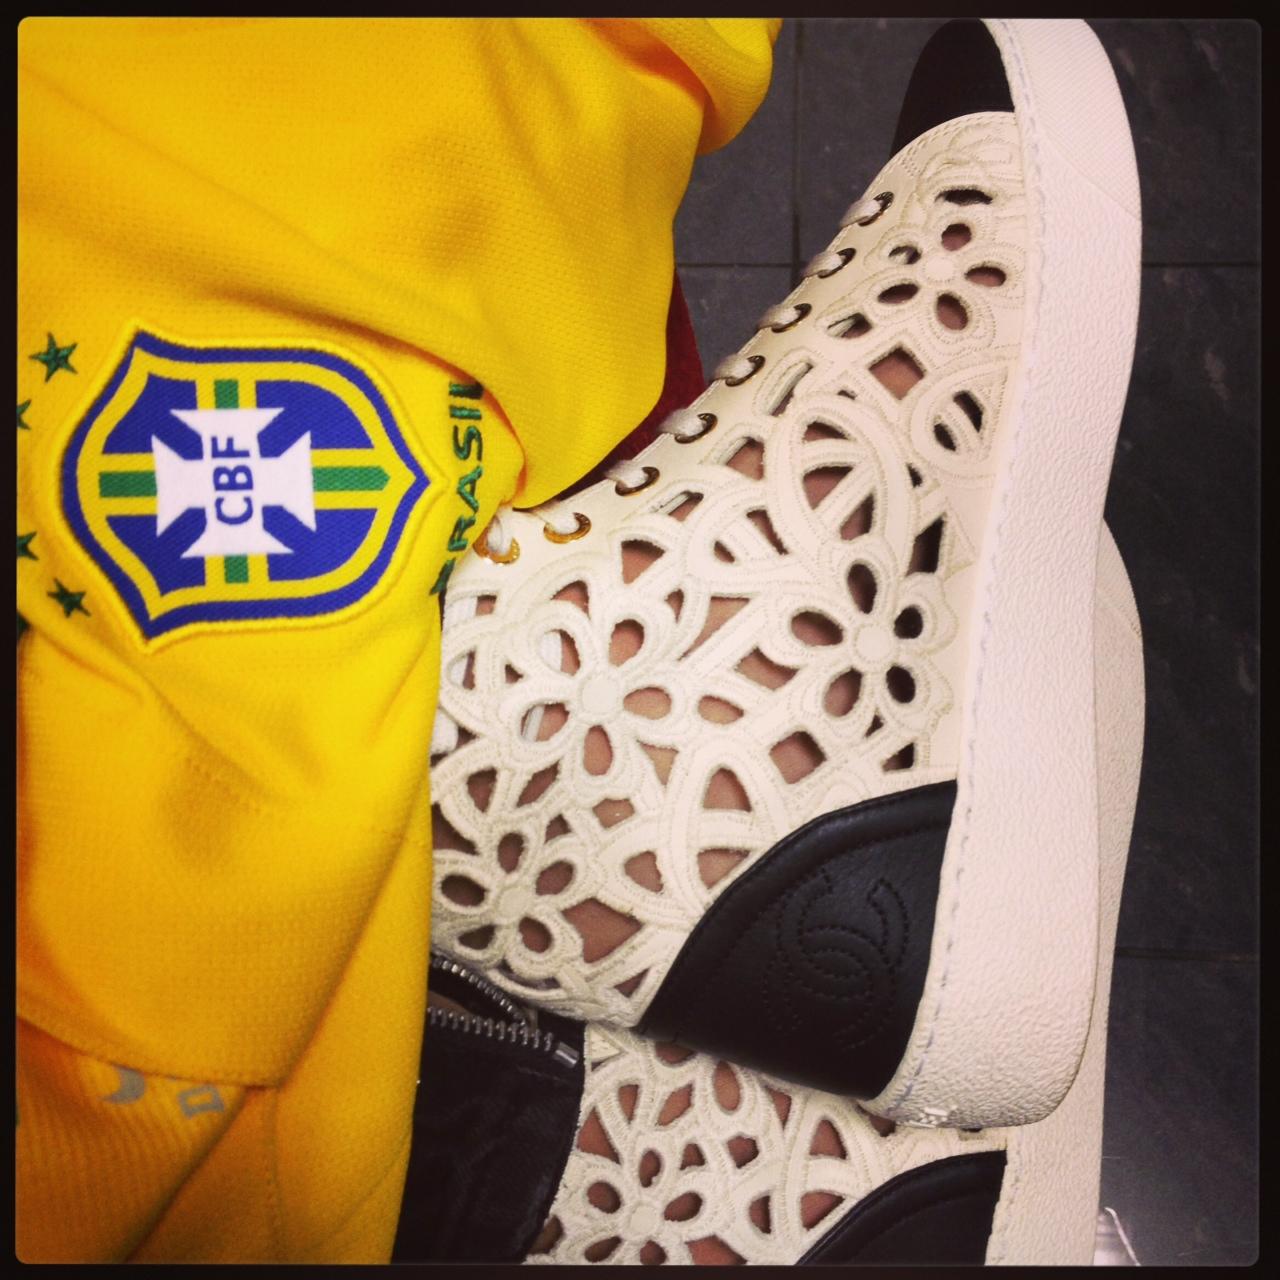 Meu tênis Chanel pronto para ser estreiado haha